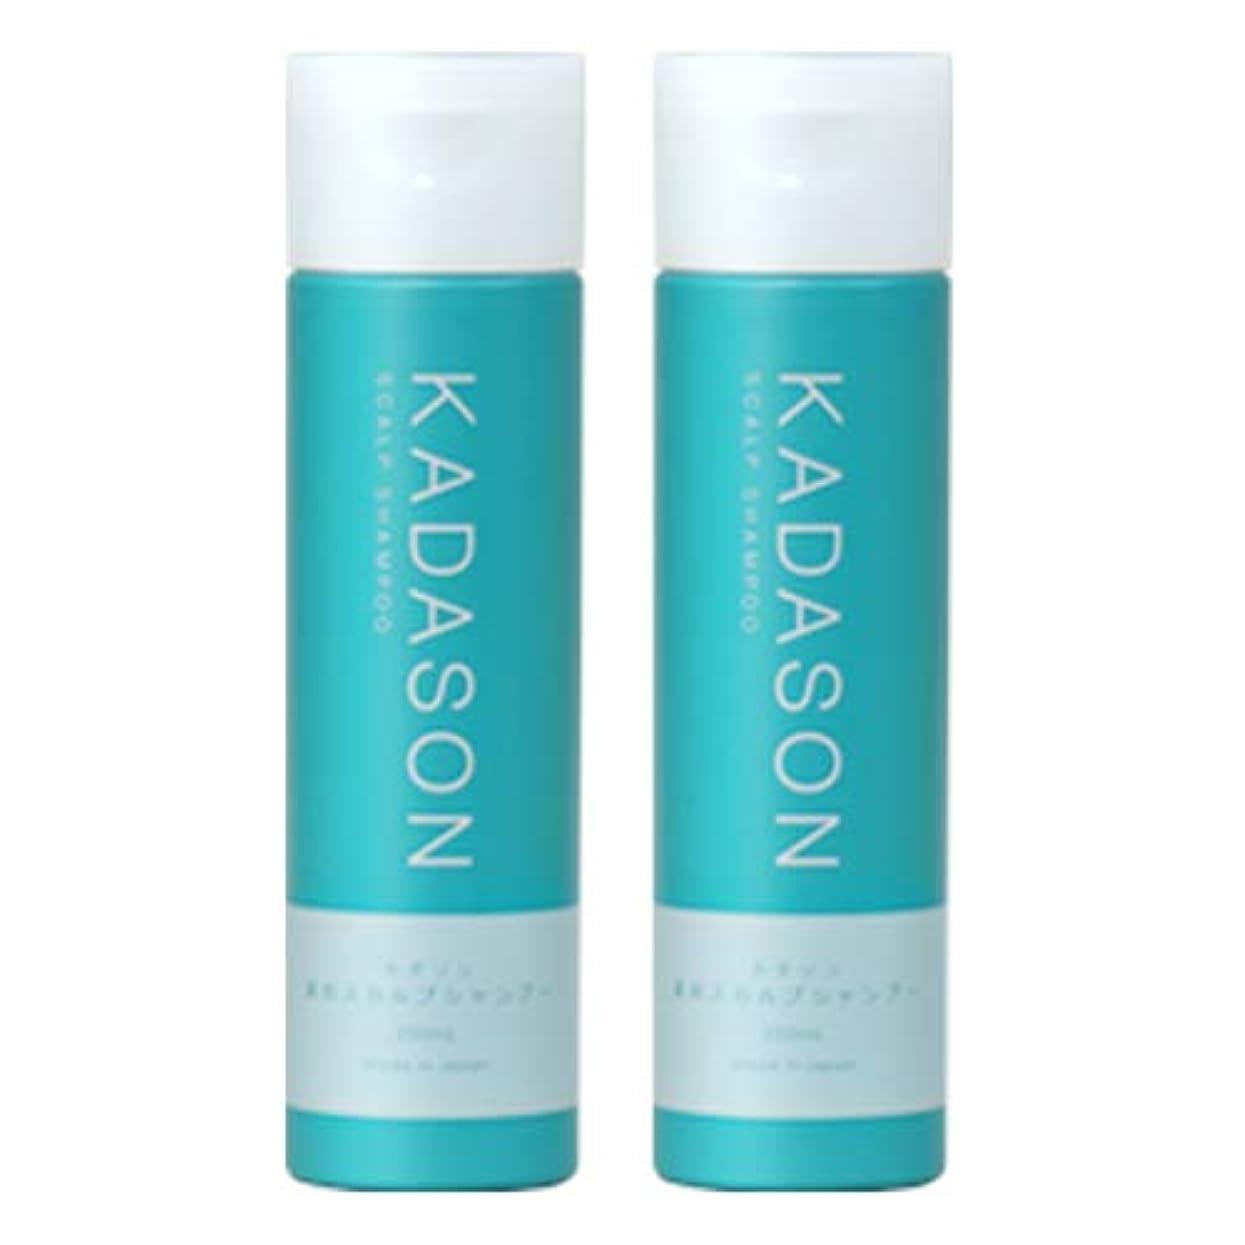 エレクトロニック錆びビルダー[ 医薬部外品 ] KADASON (カダソン) スカルプ シャンプー 2本セット (各250ml / 脂漏肌) オイリー肌 脂性肌 薬用シャンプー 天然由来成分 (日本製)